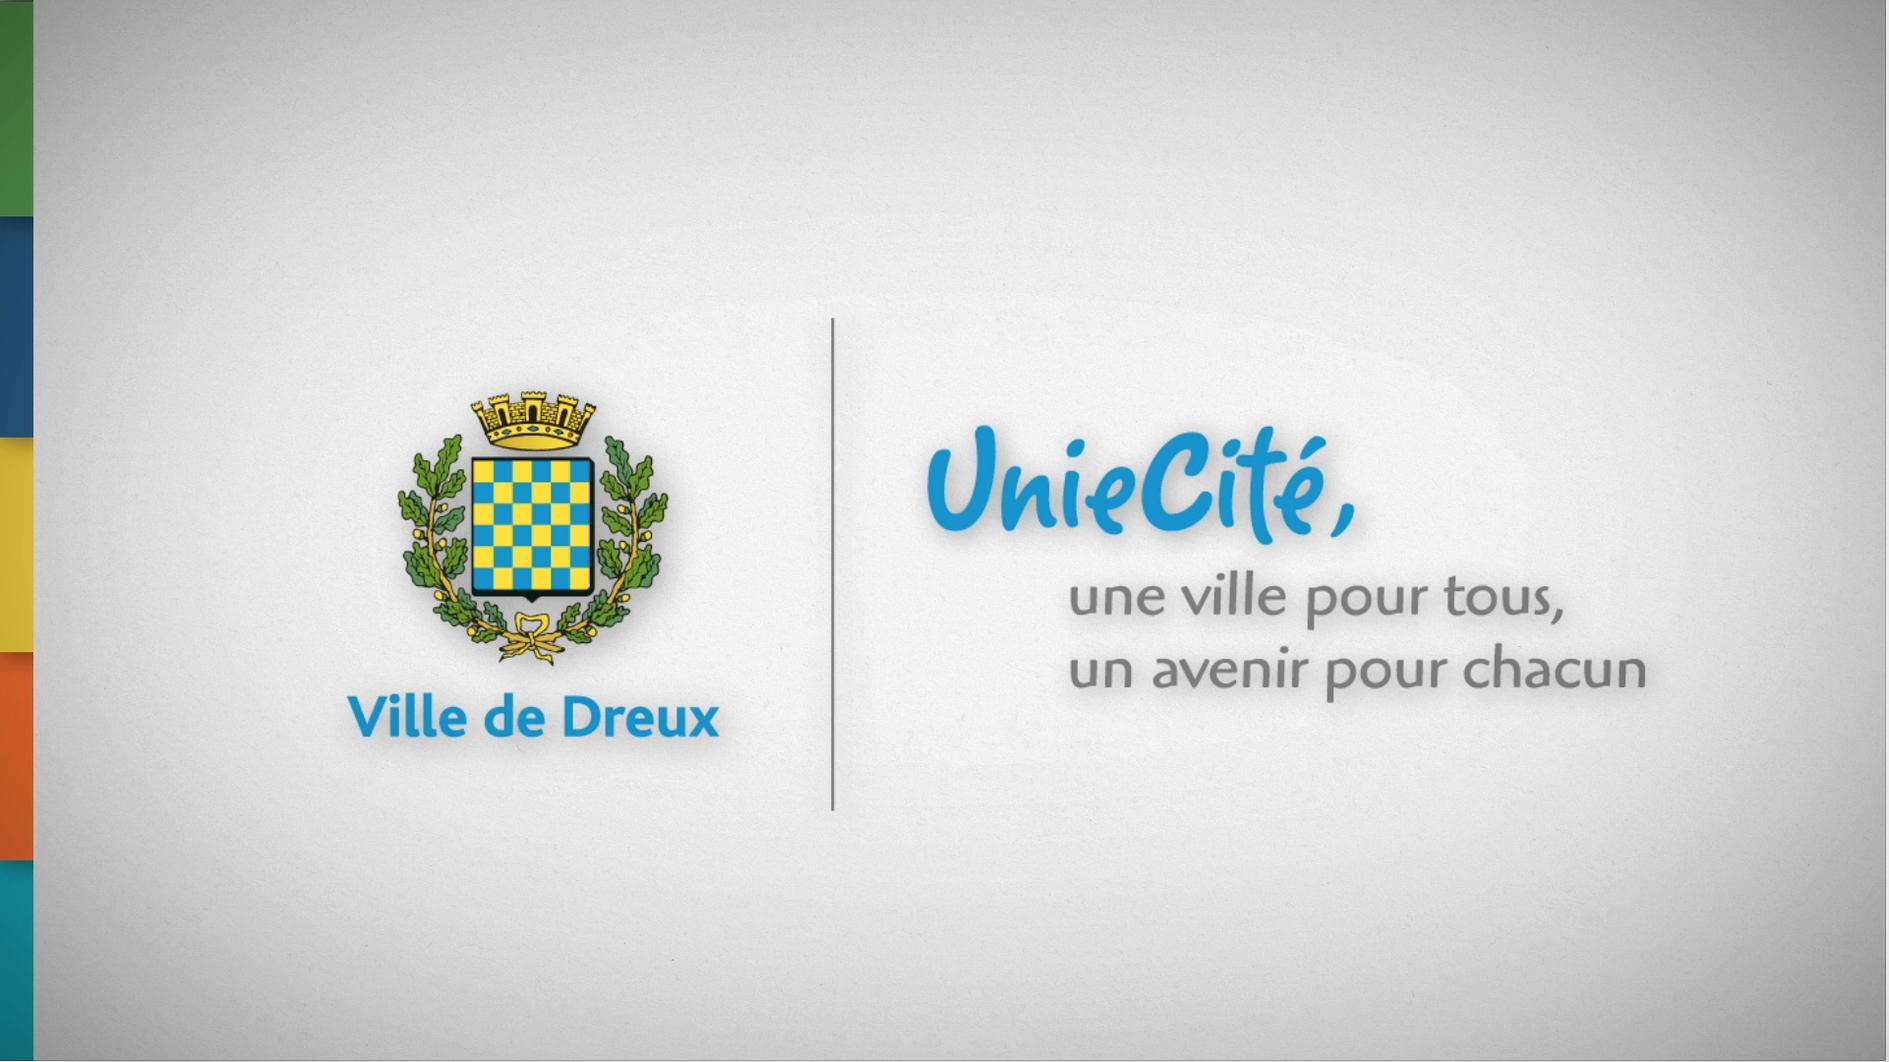 Unicité - Ville de Dreux